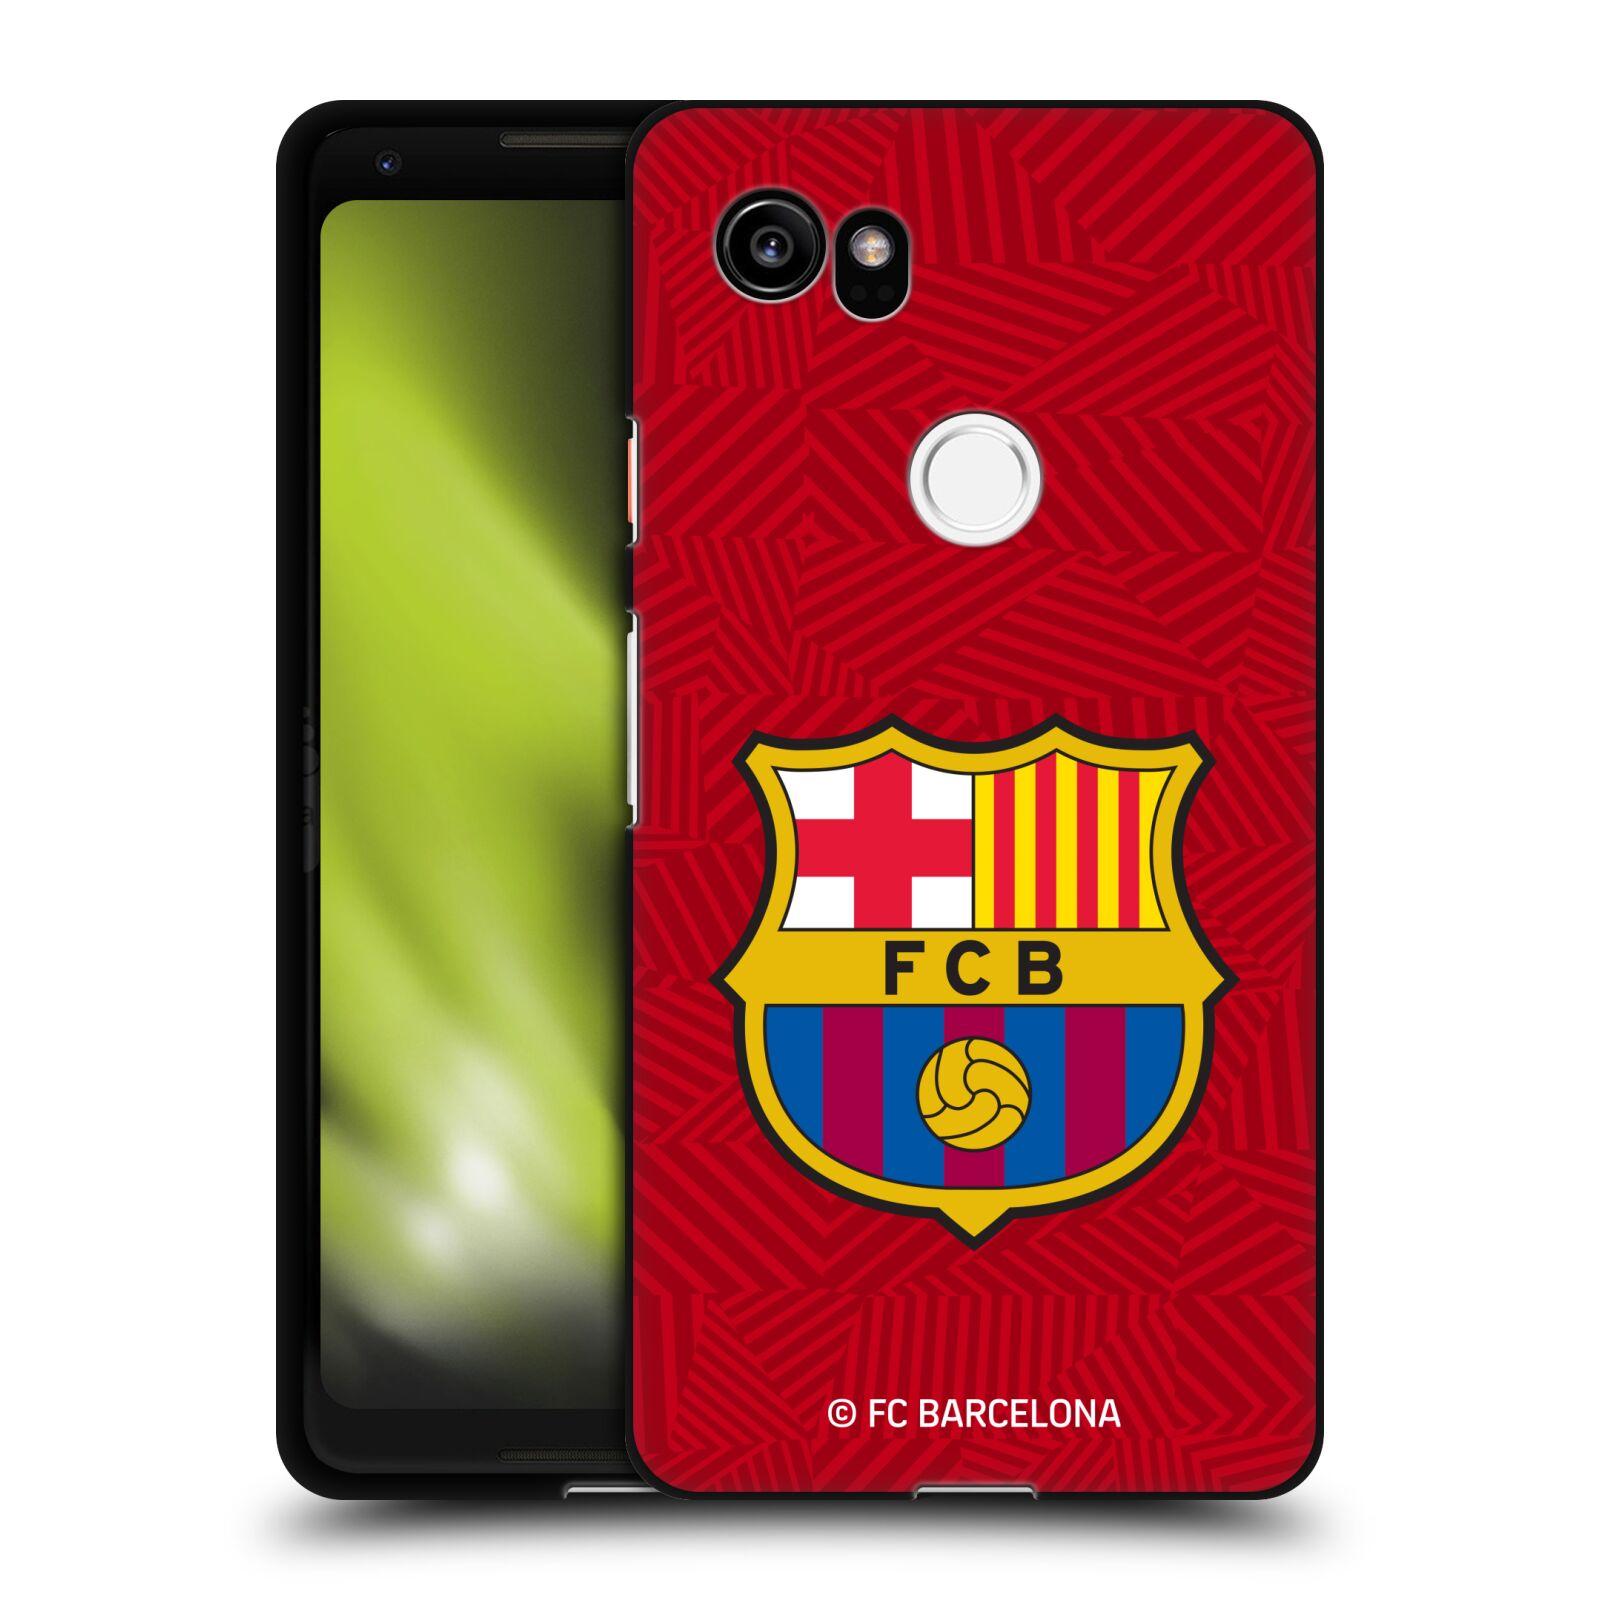 OFFICIAL-FC-BARCELONA-2017-18-CREST-BLACK-SOFT-GEL-CASE-FOR-GOOGLE-PHONES